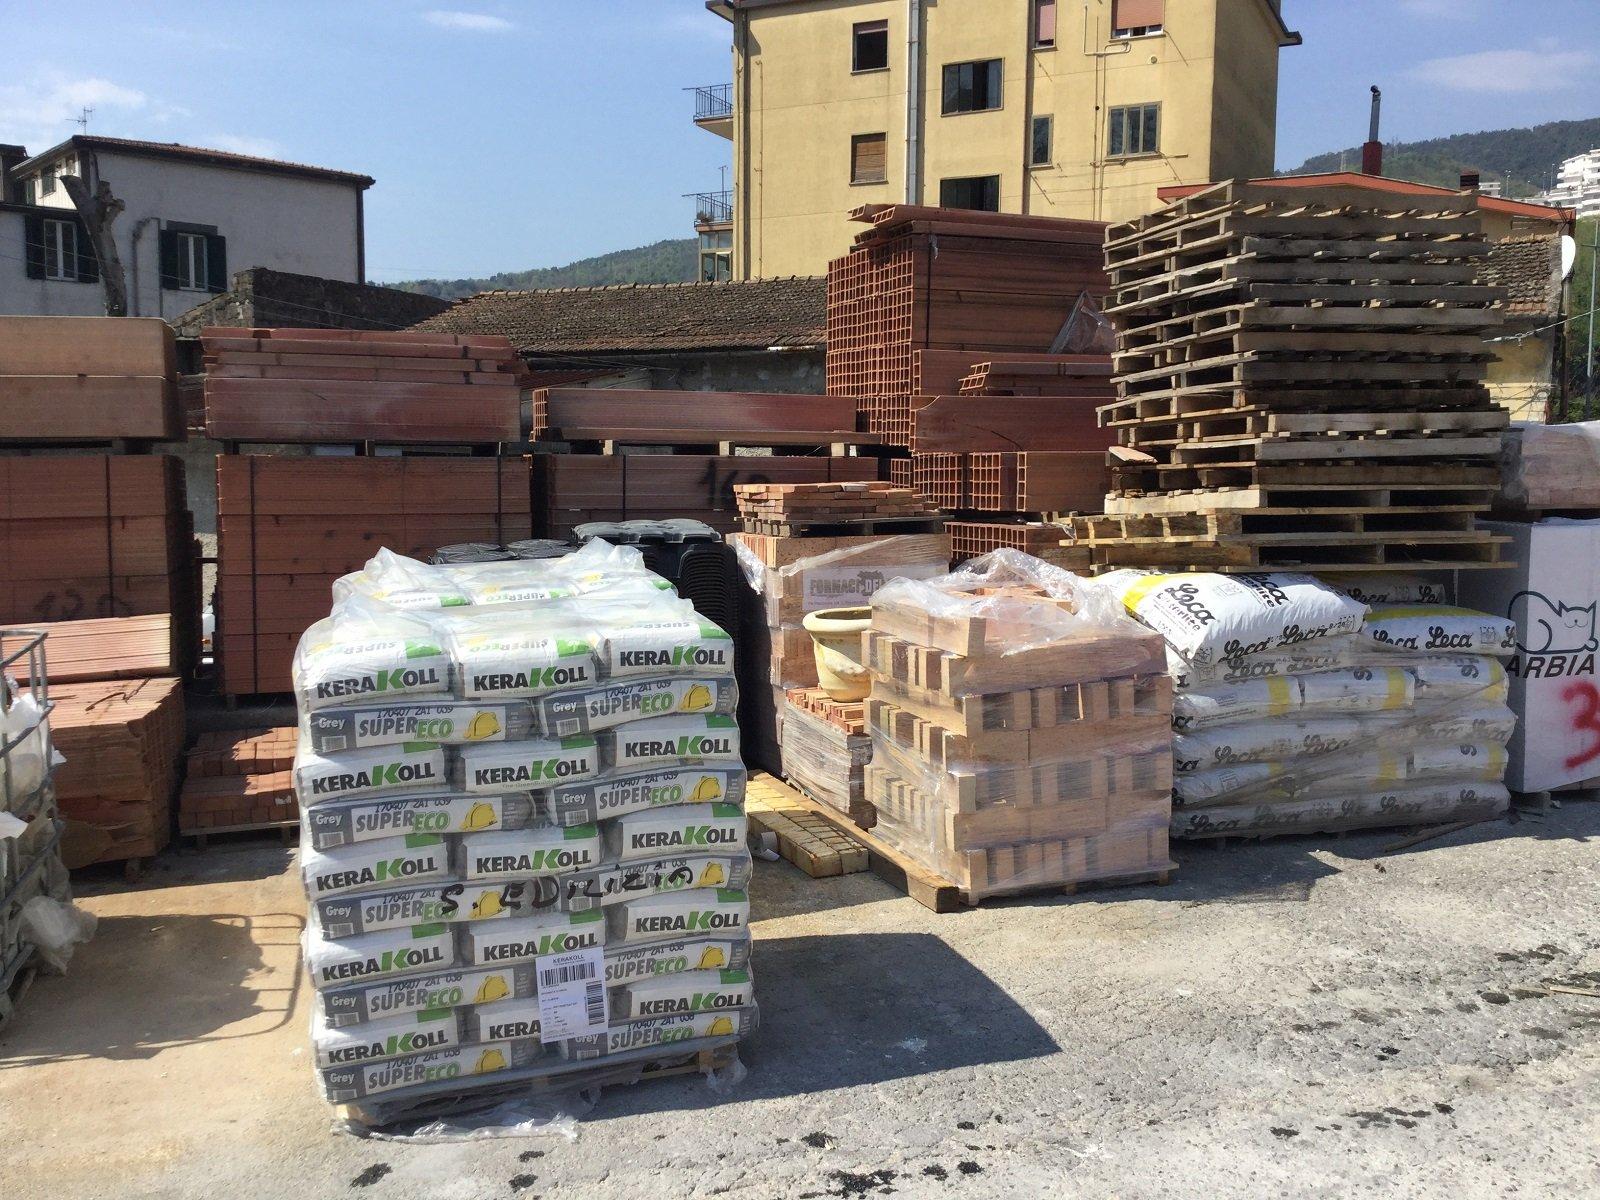 dei materiali per l'edilizia leca